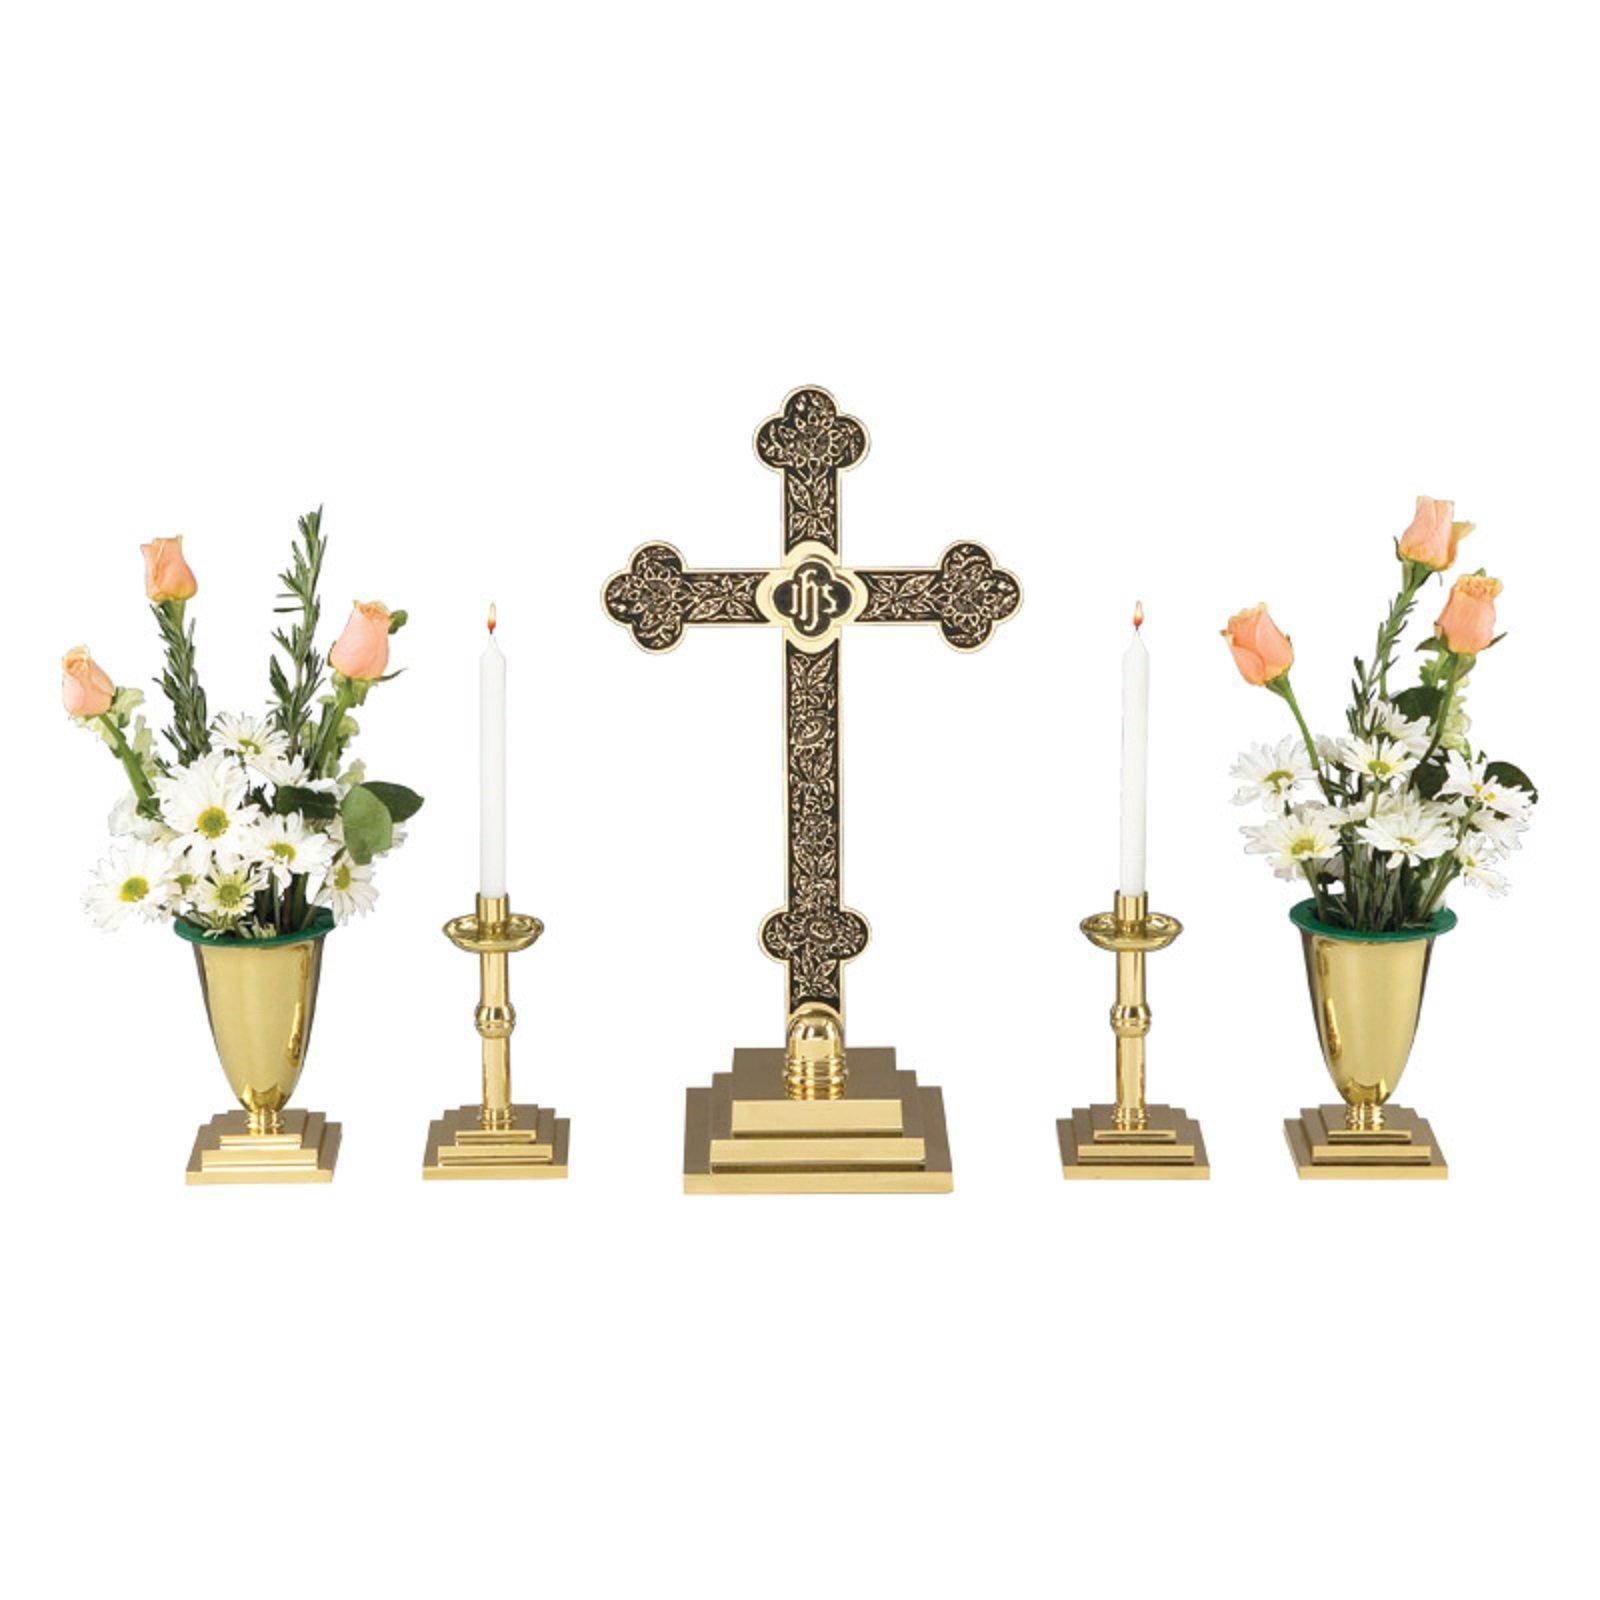 22 Altar Set Includes SB4510 SB4511 and SB4512